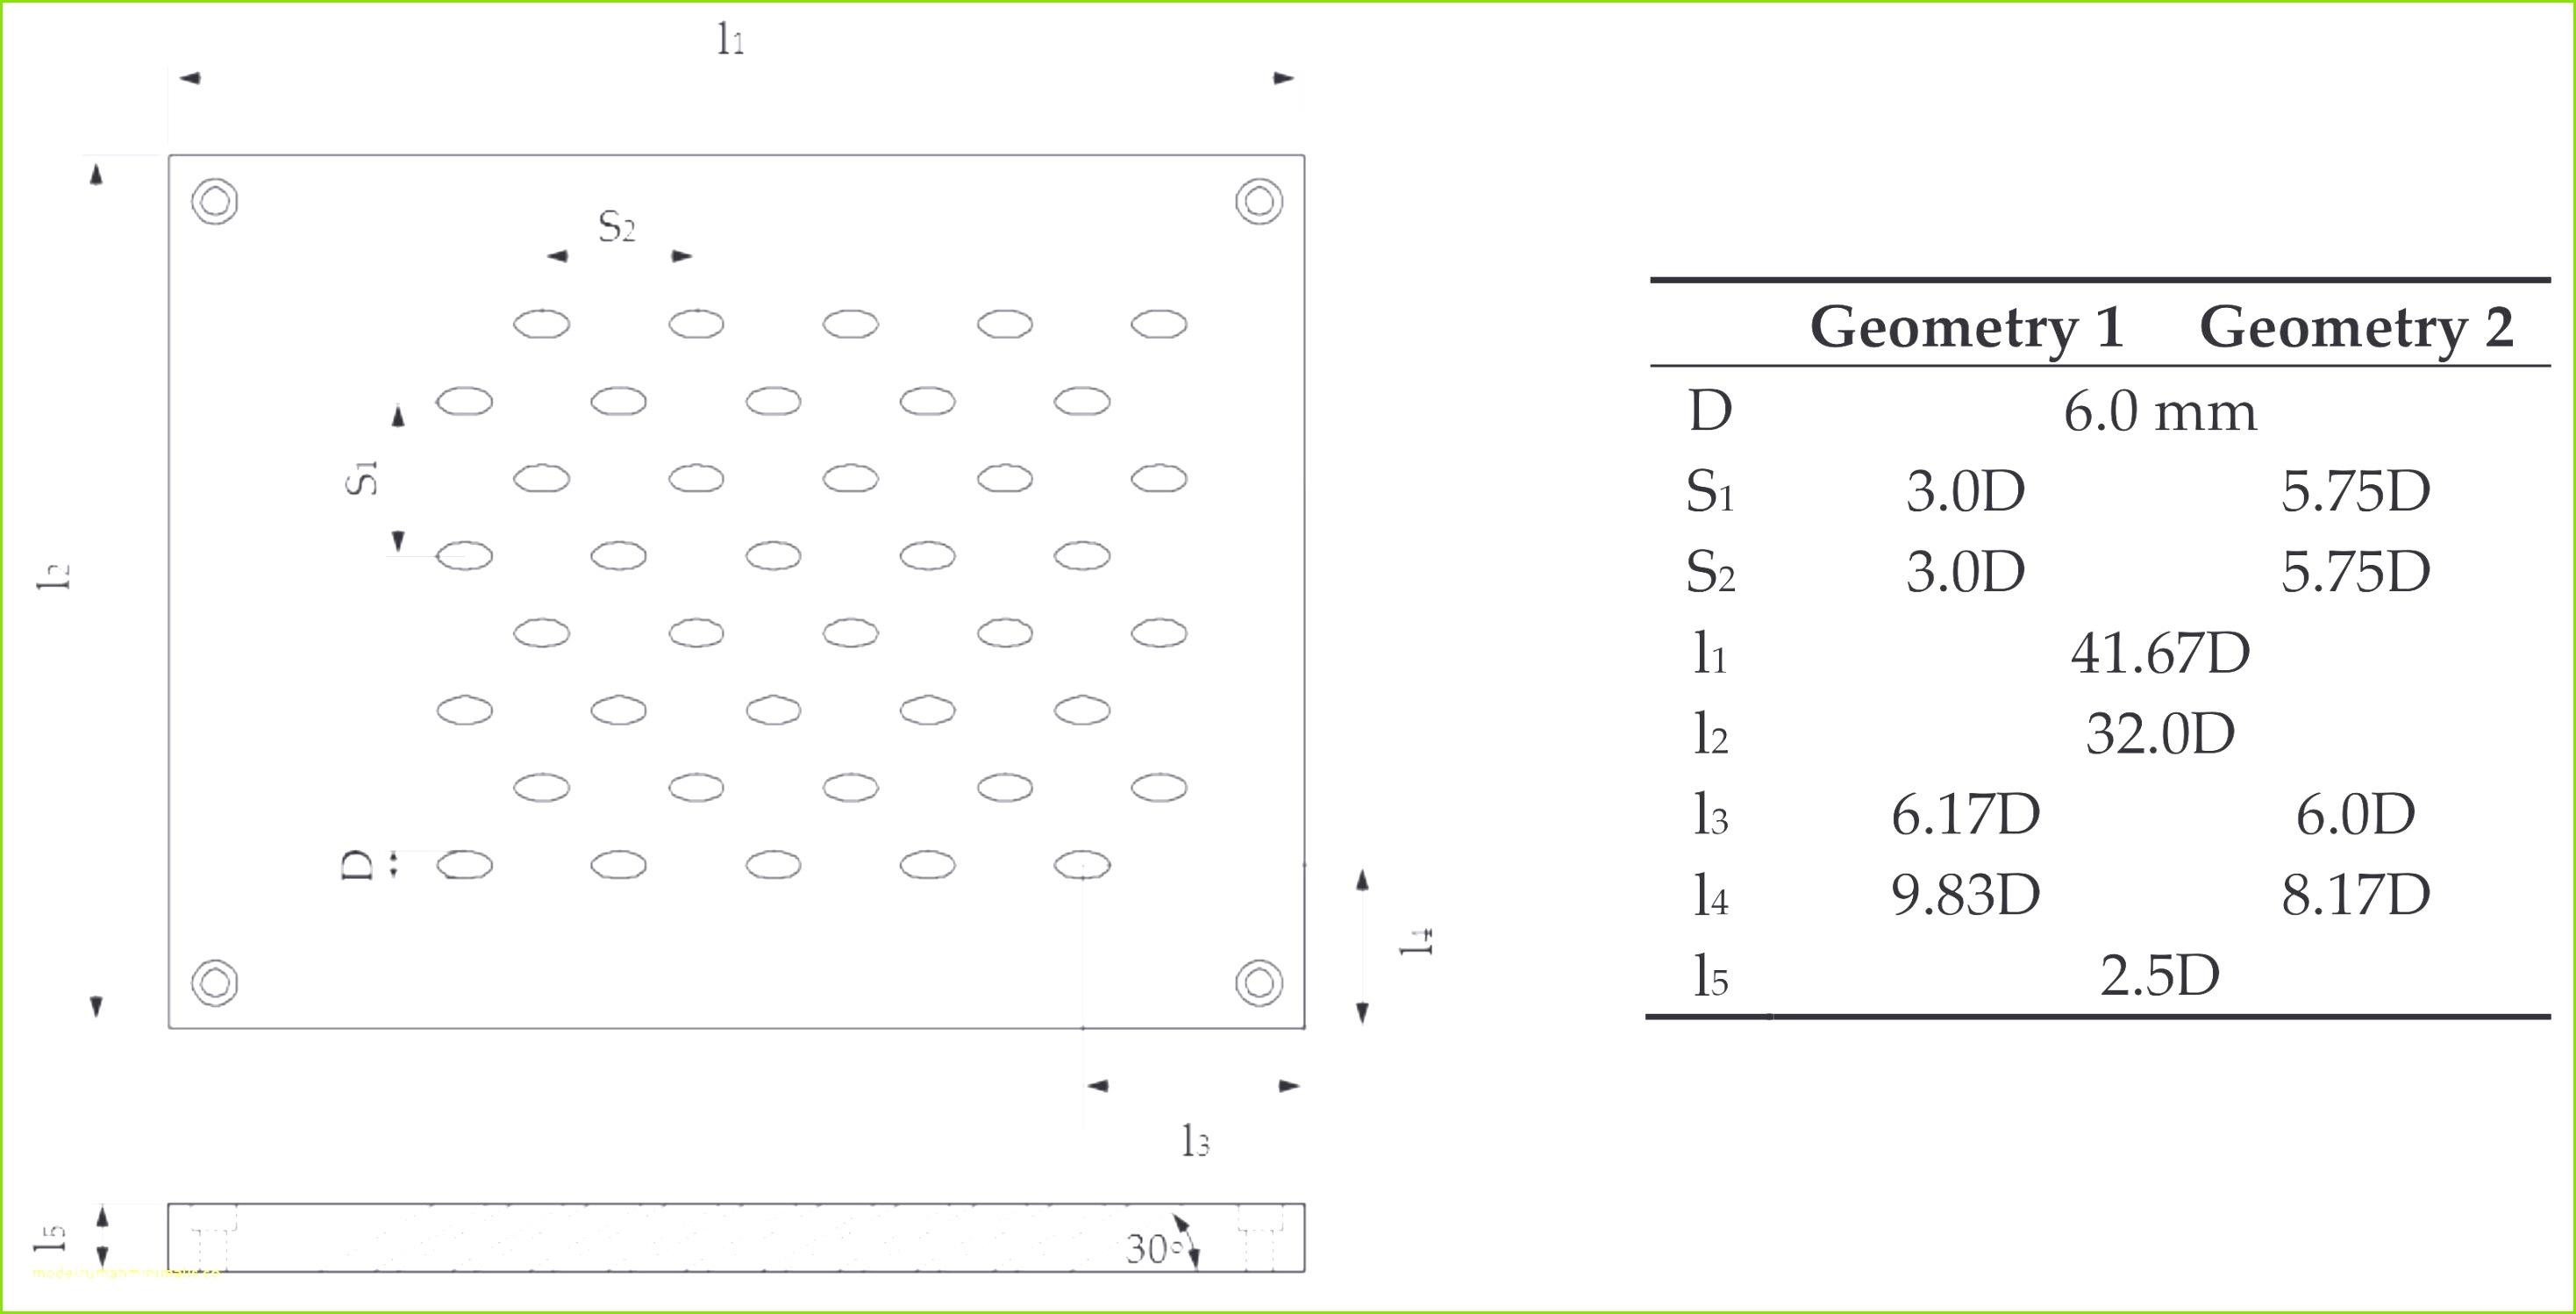 Zeitstrahl Excel Vorlage Genial Auswertung Fragebogen Excel Galerien Zeitstrahl Excel Vorlage 20